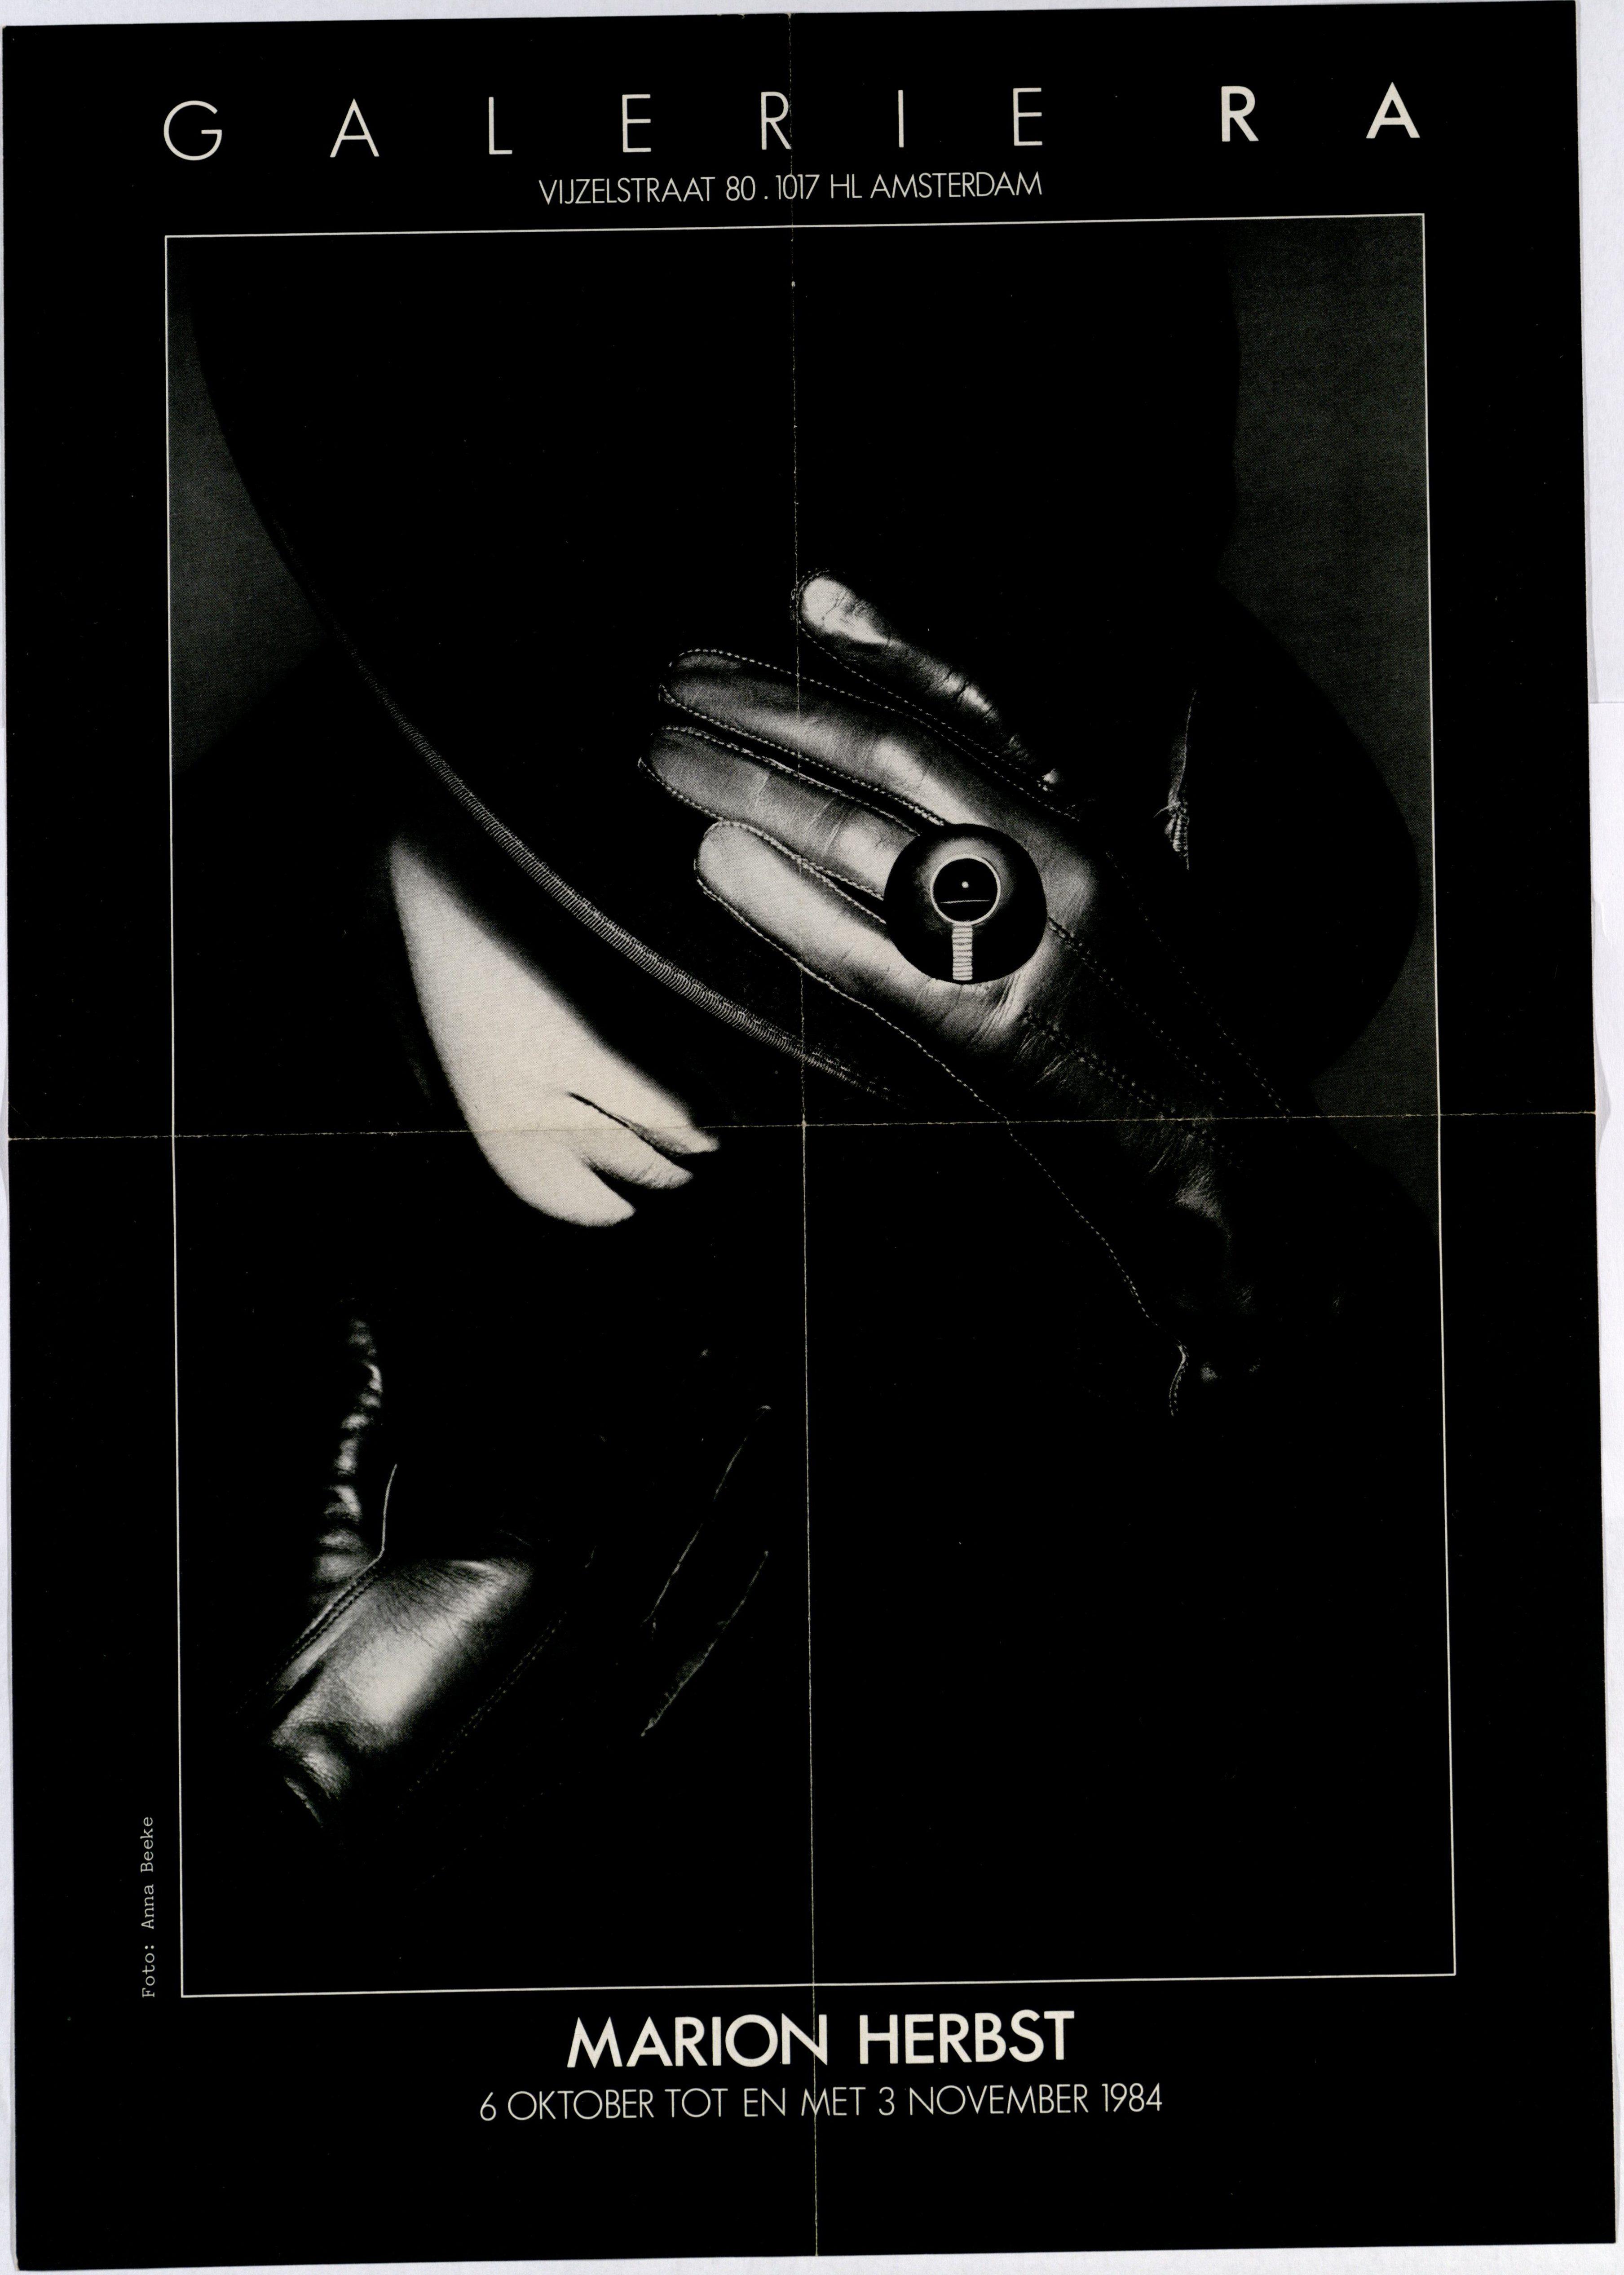 Ra Bulletin 13, oktober 1984, voorzijde met ring van Marion Herbst, foto Anna Beeke, papier, drukwerk, metaal